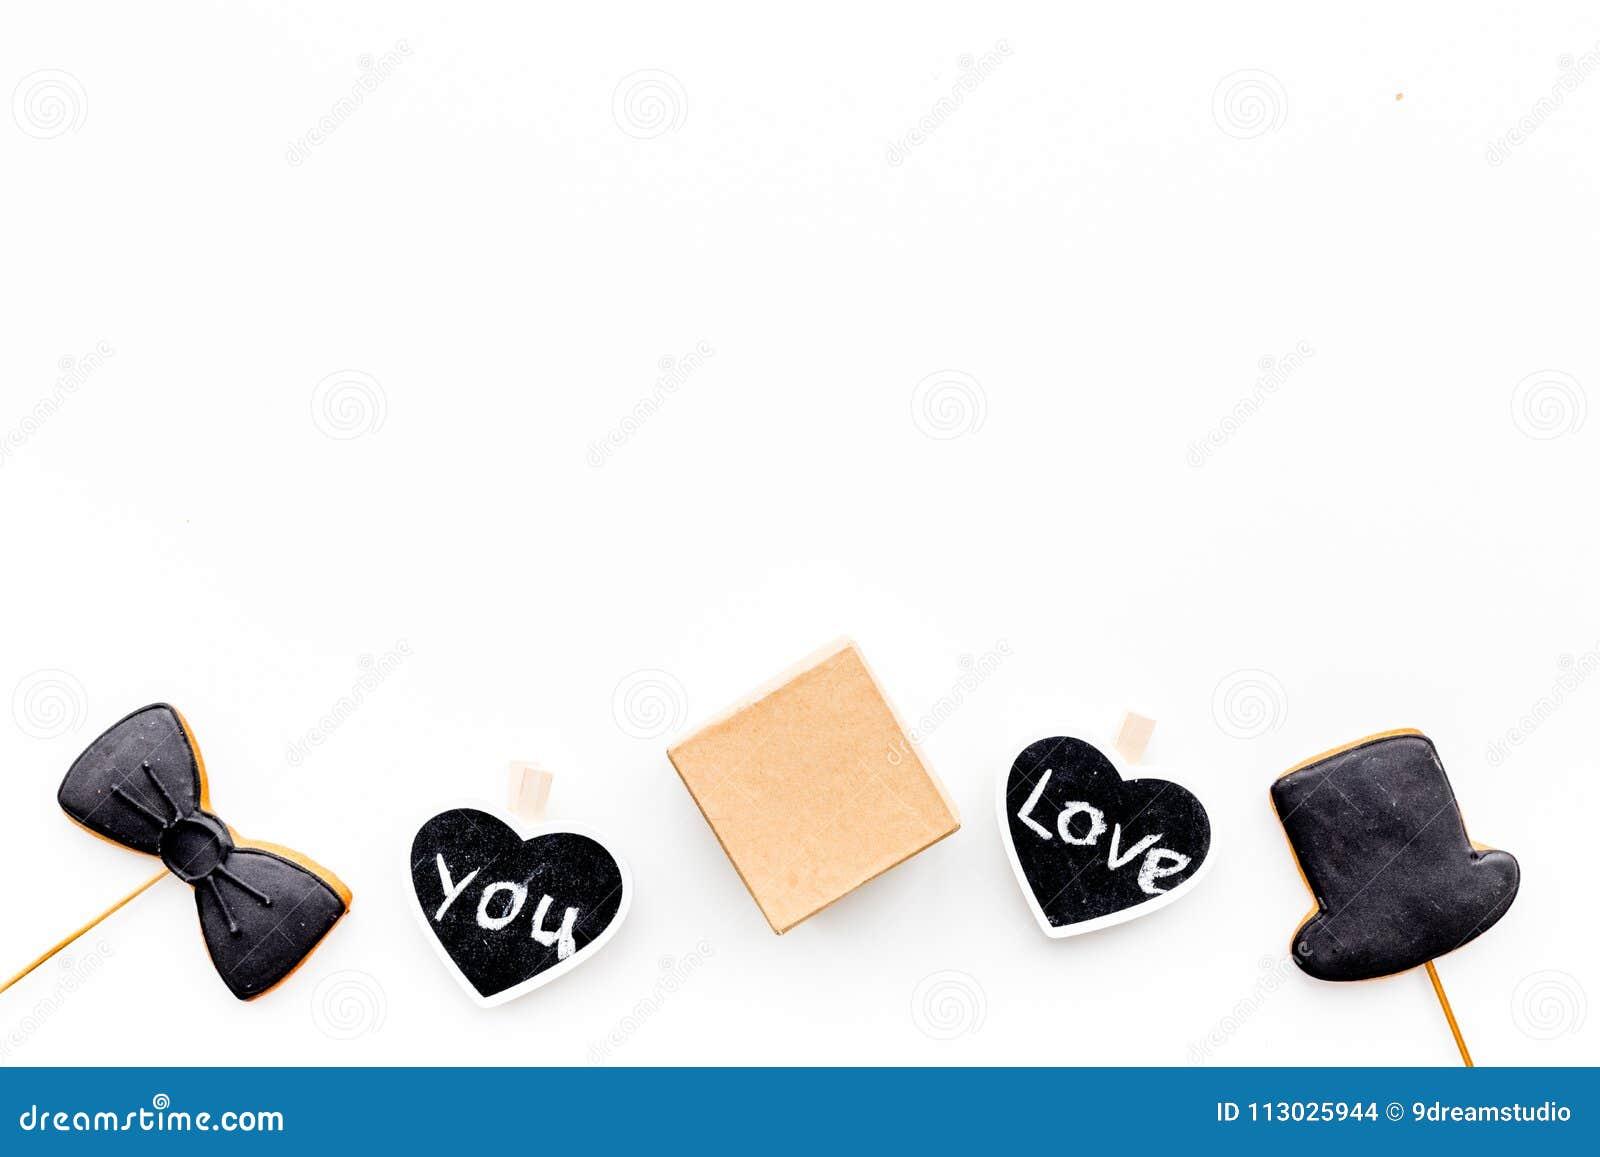 Regalo para el hombre en cumpleaños La caja de regalo entre las galletas en la forma del bigote, el sombrero, la corbata de lazo